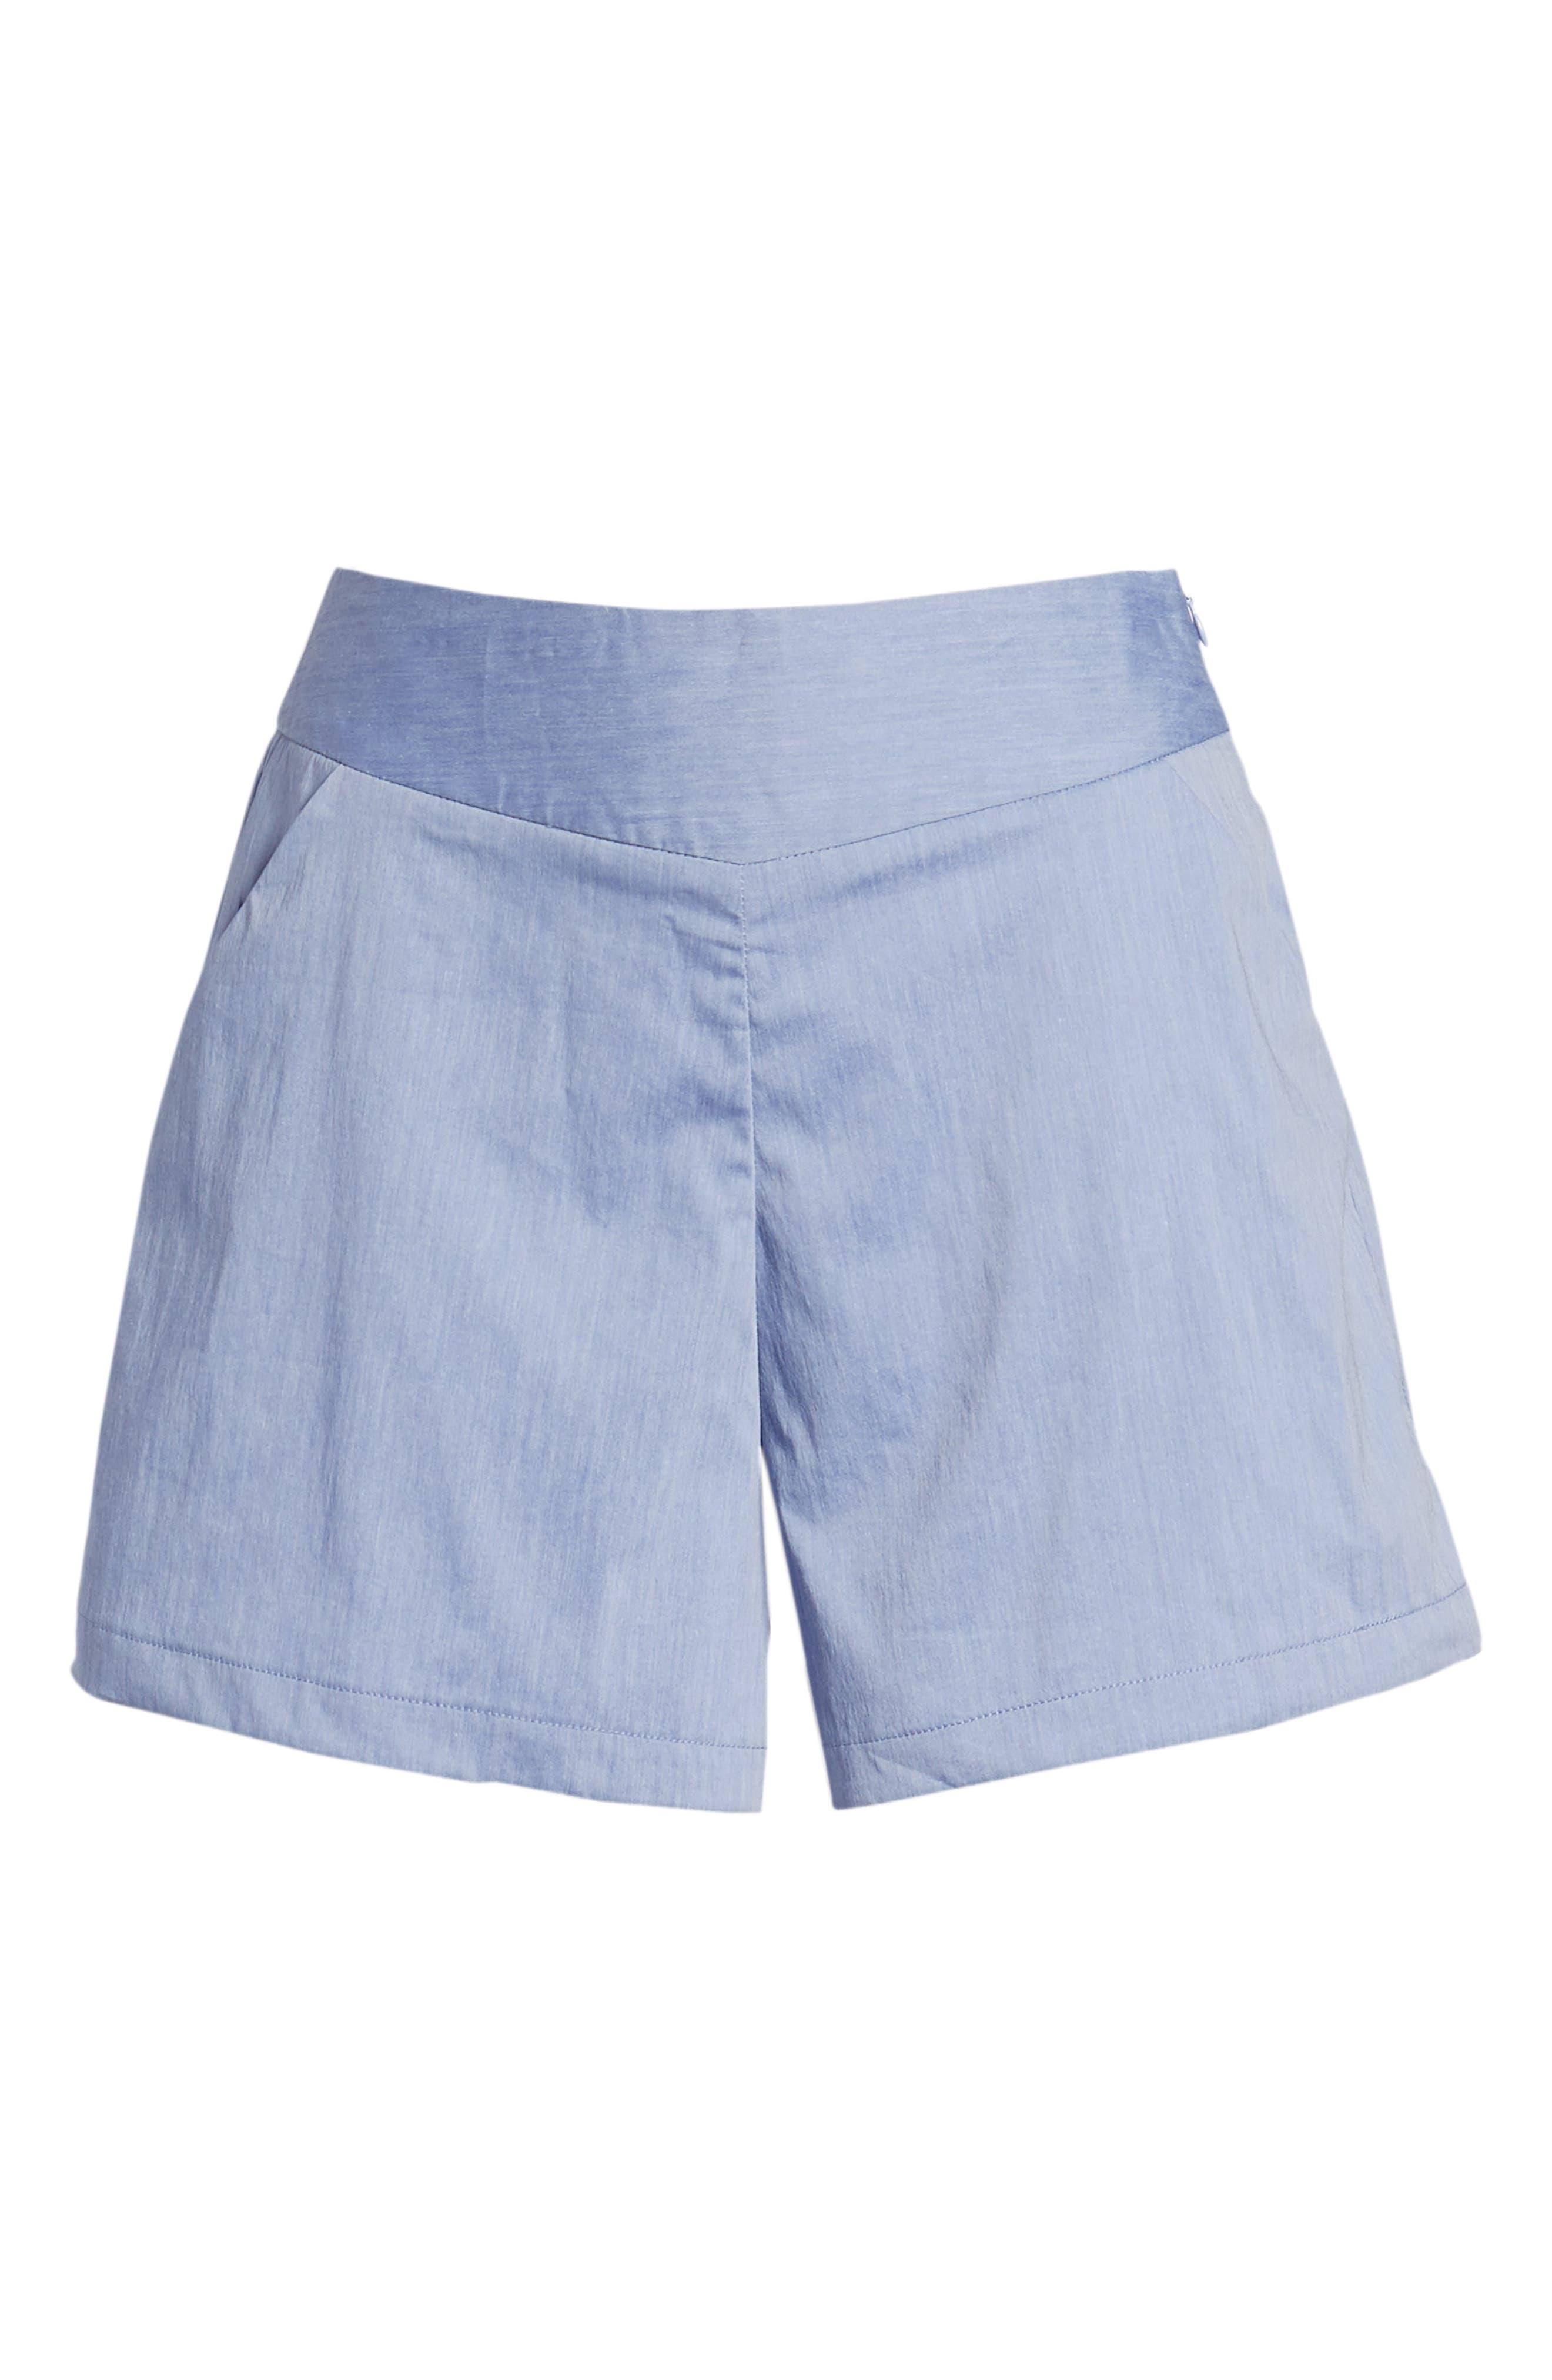 Bishop + Young Ana Pocket Shorts,                             Alternate thumbnail 6, color,                             Blue